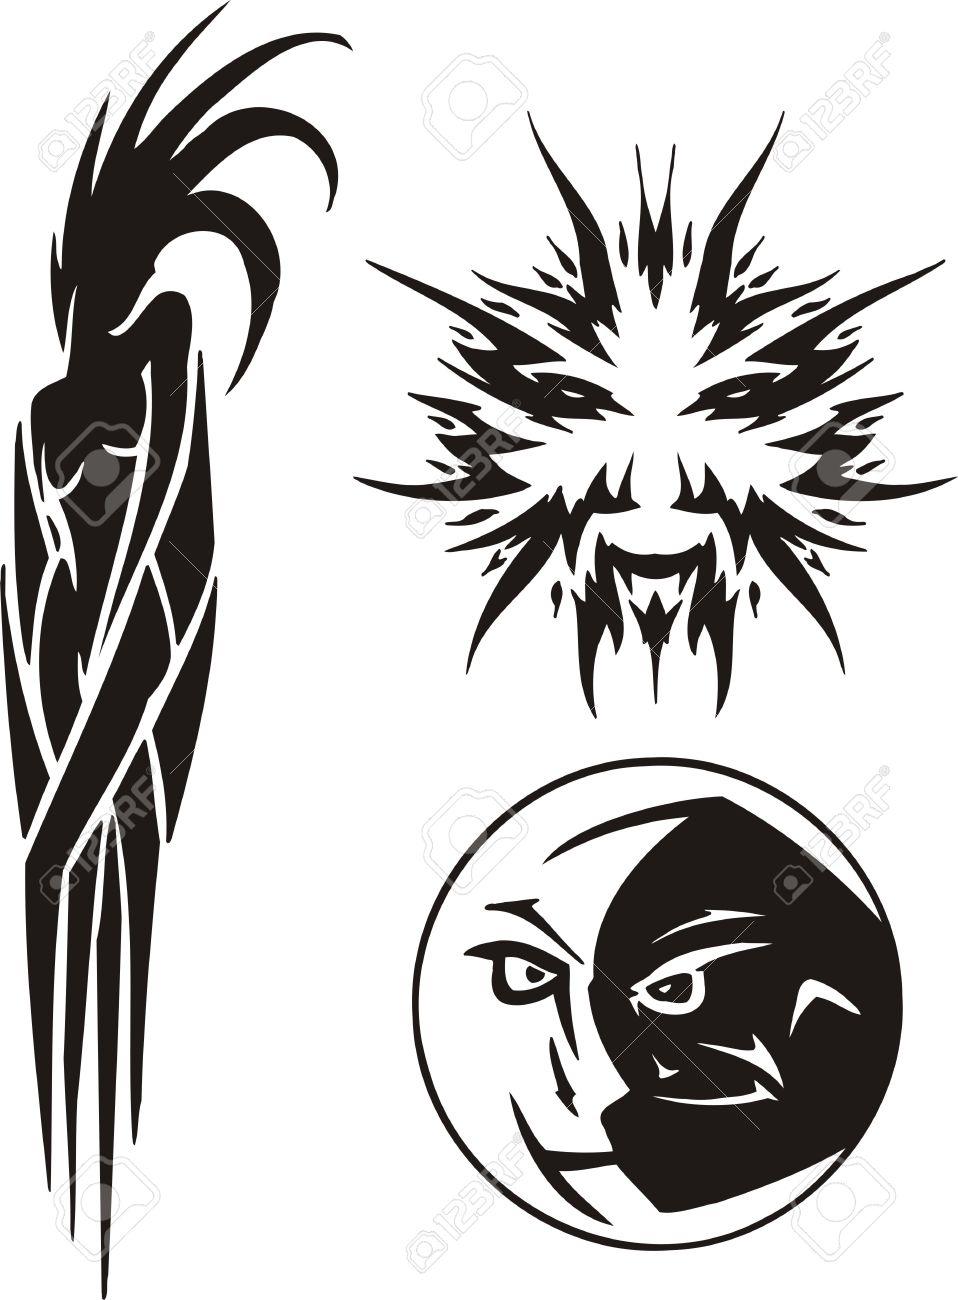 El Virgo El Sol Y La Luna Imágenes Prediseñadas Tribales